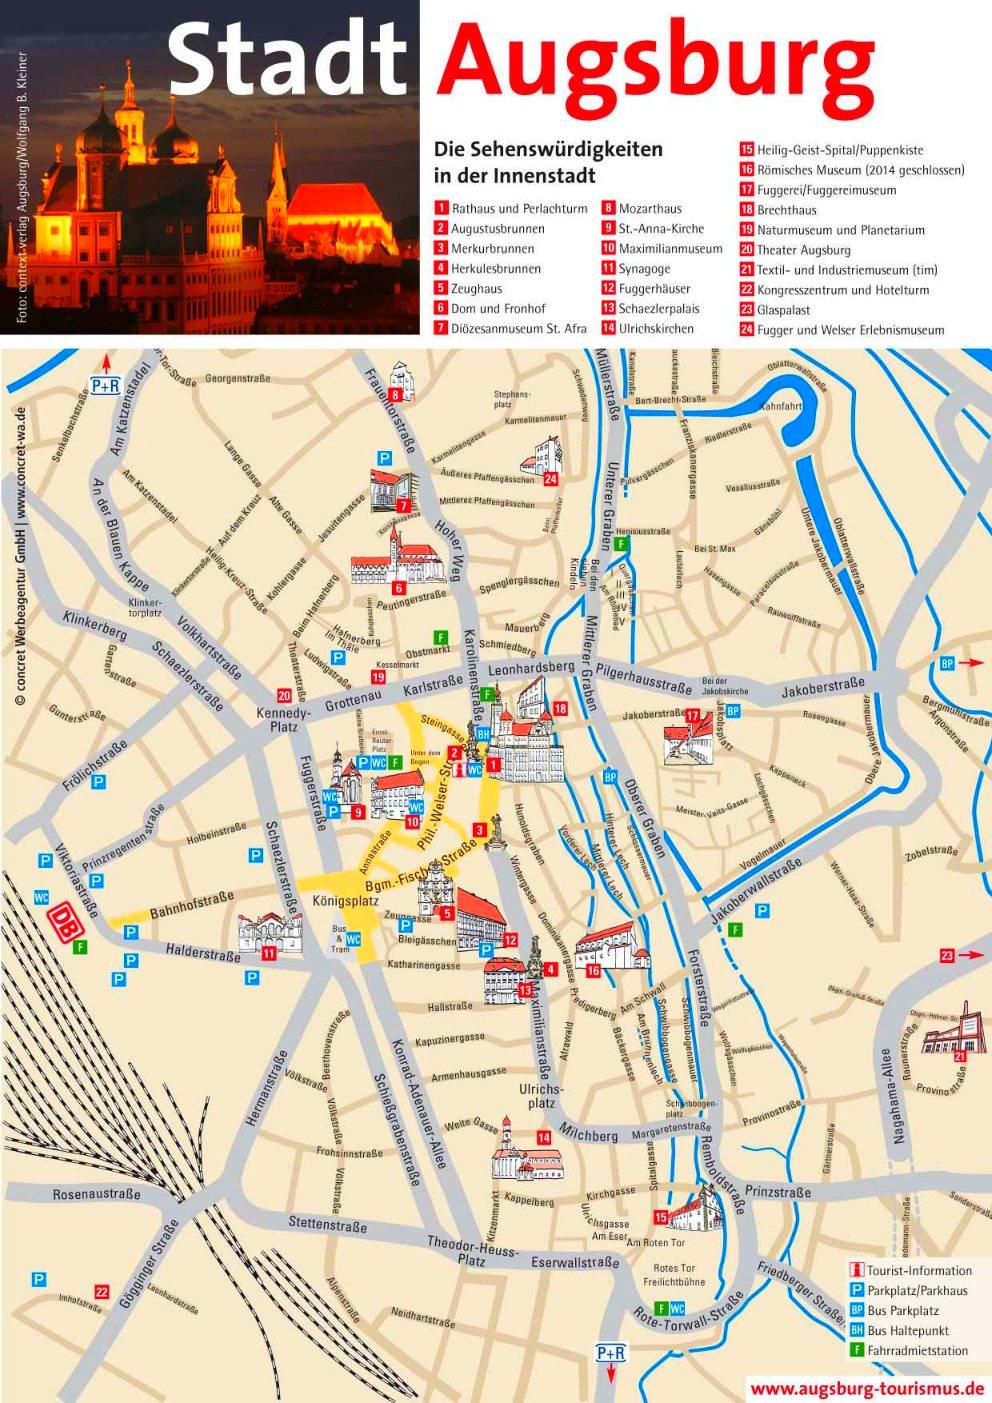 Karte Augsburg.Stadtplan Augsburg Mit Sehenswurdigkeiten